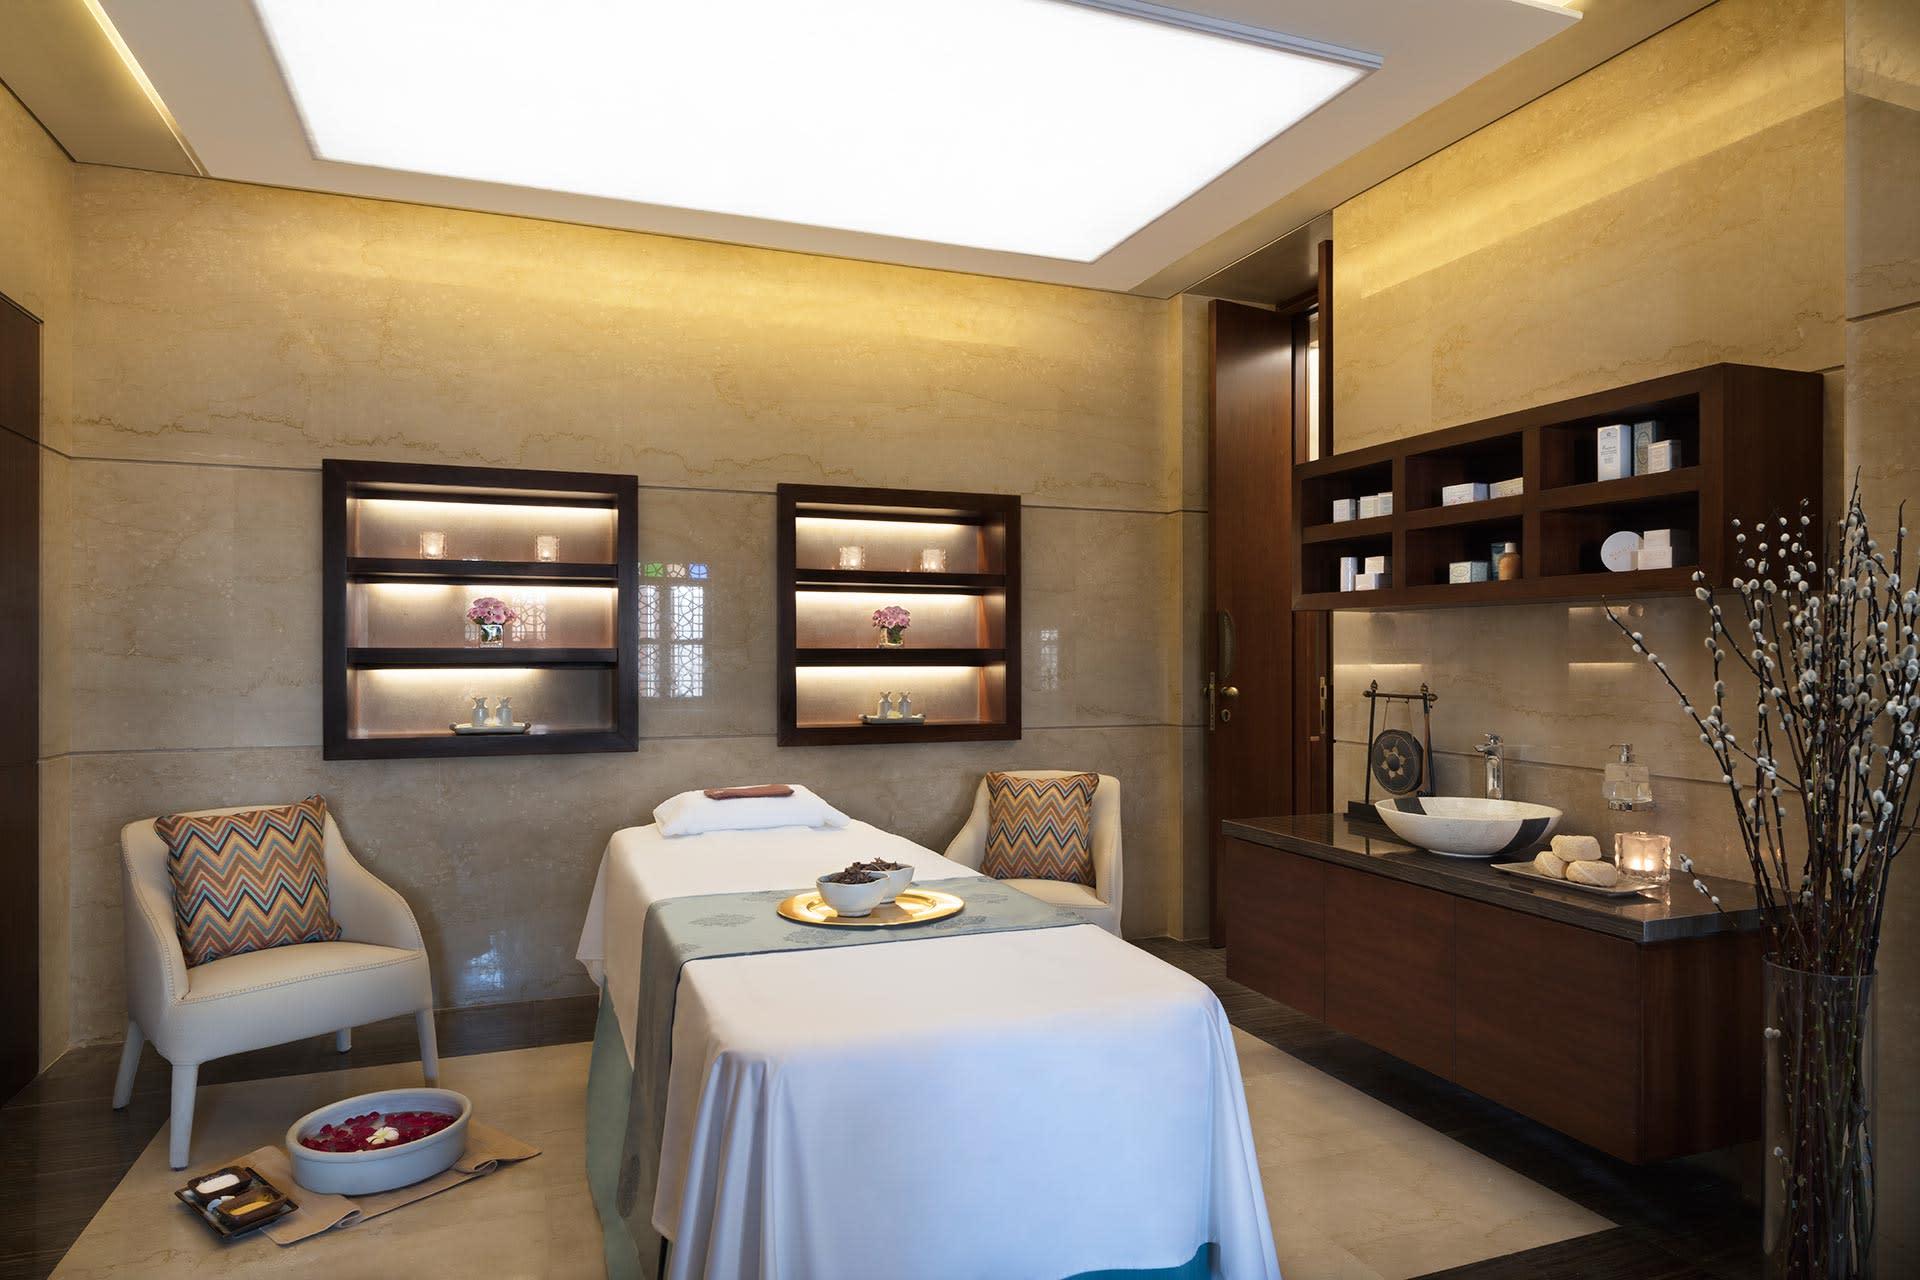 Souq Al Wakra Hotel Qatar by Tivoli - Spa Treatment Room